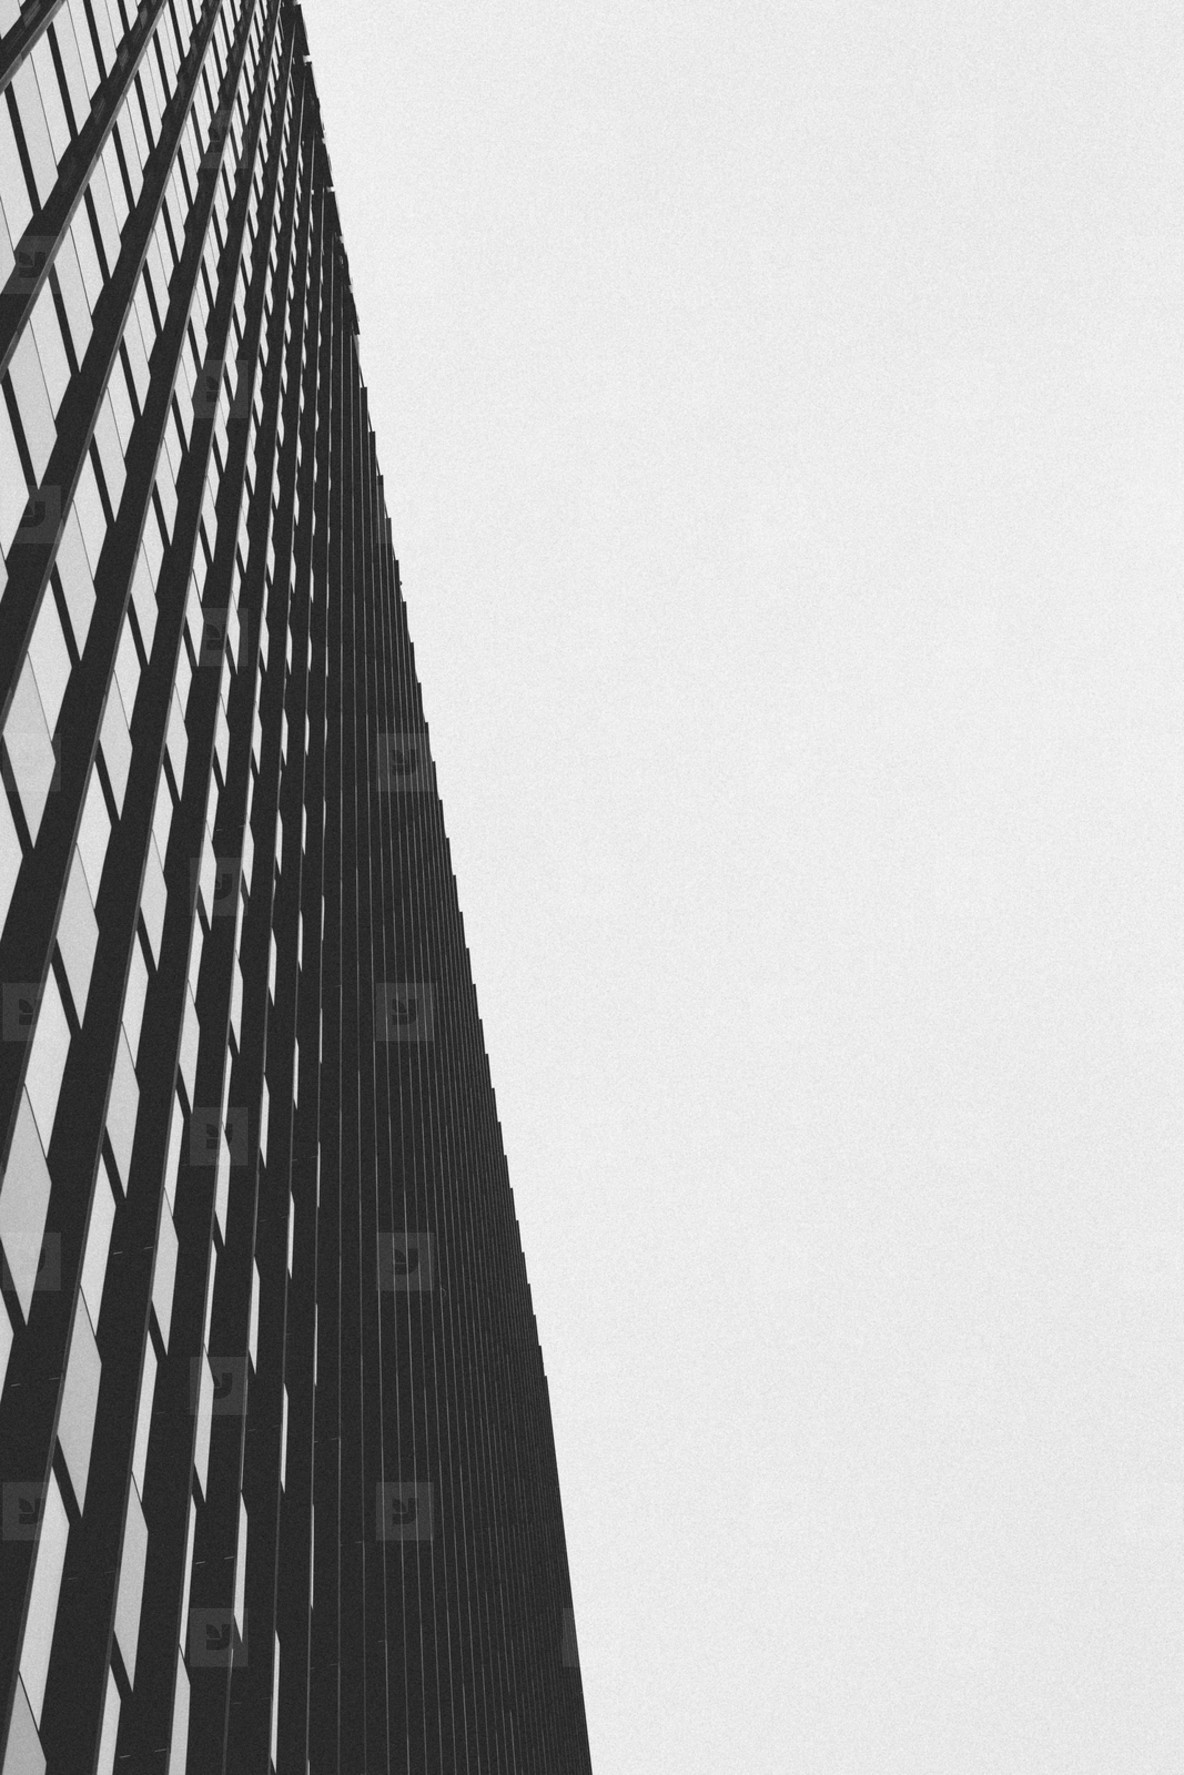 Urban Grid  07